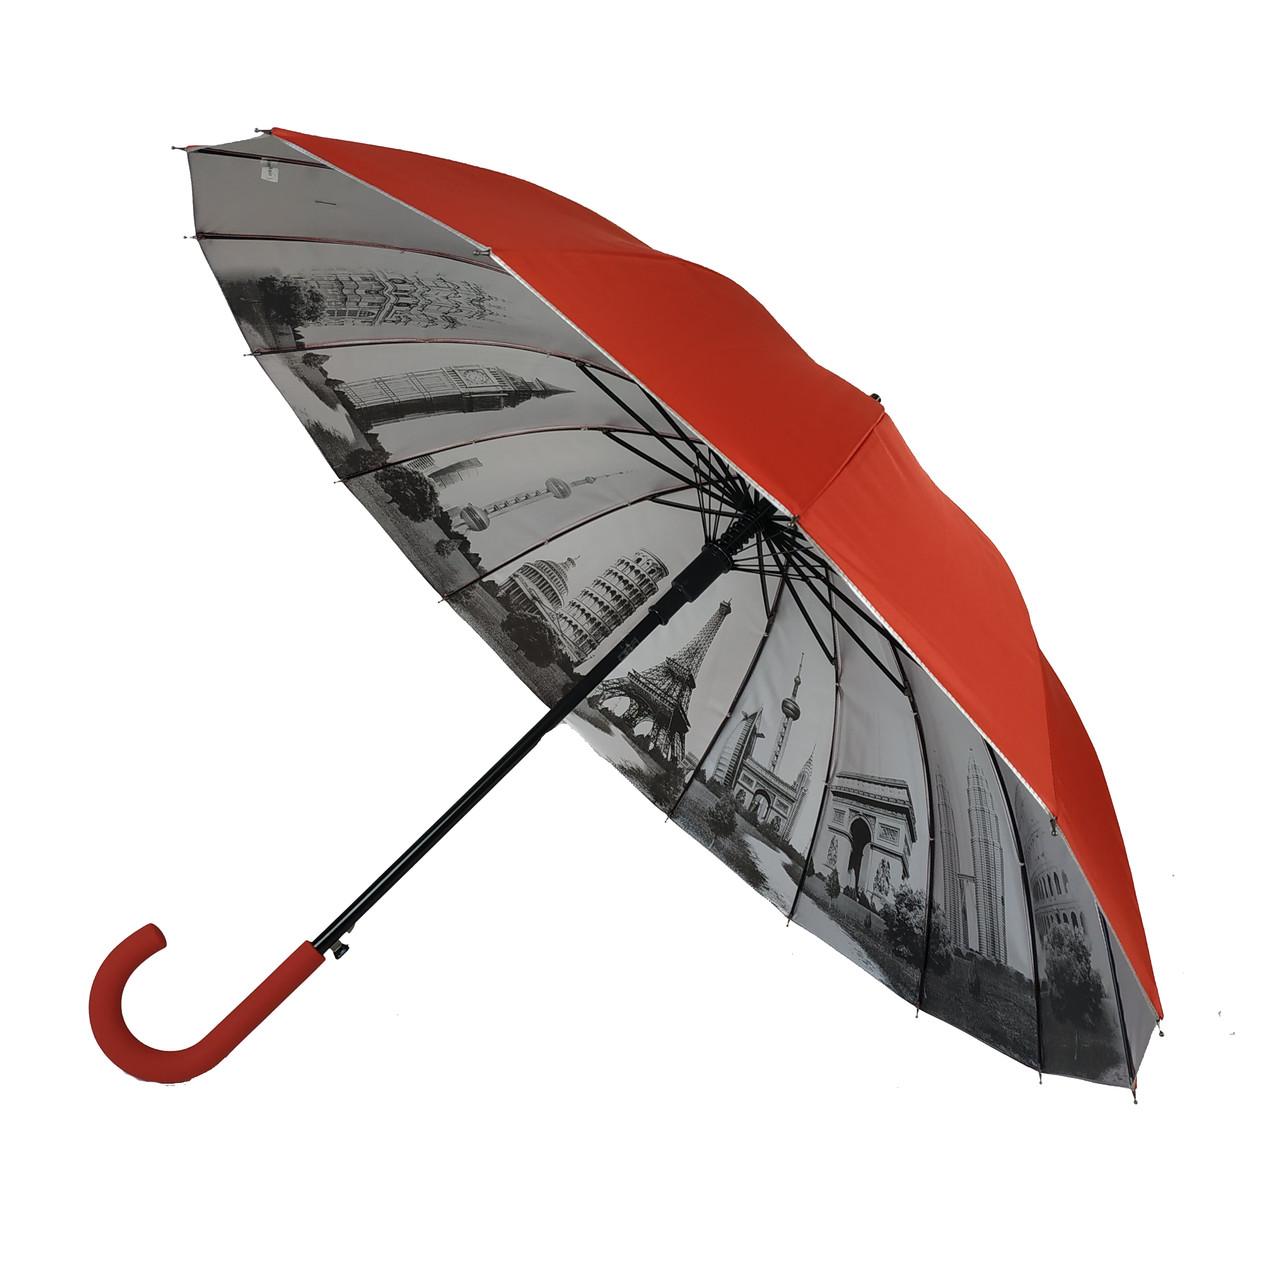 Жіночий парасольку-тростину з містами на сріблястому напилення під куполом від Calm Rain, червоний, 1011-3